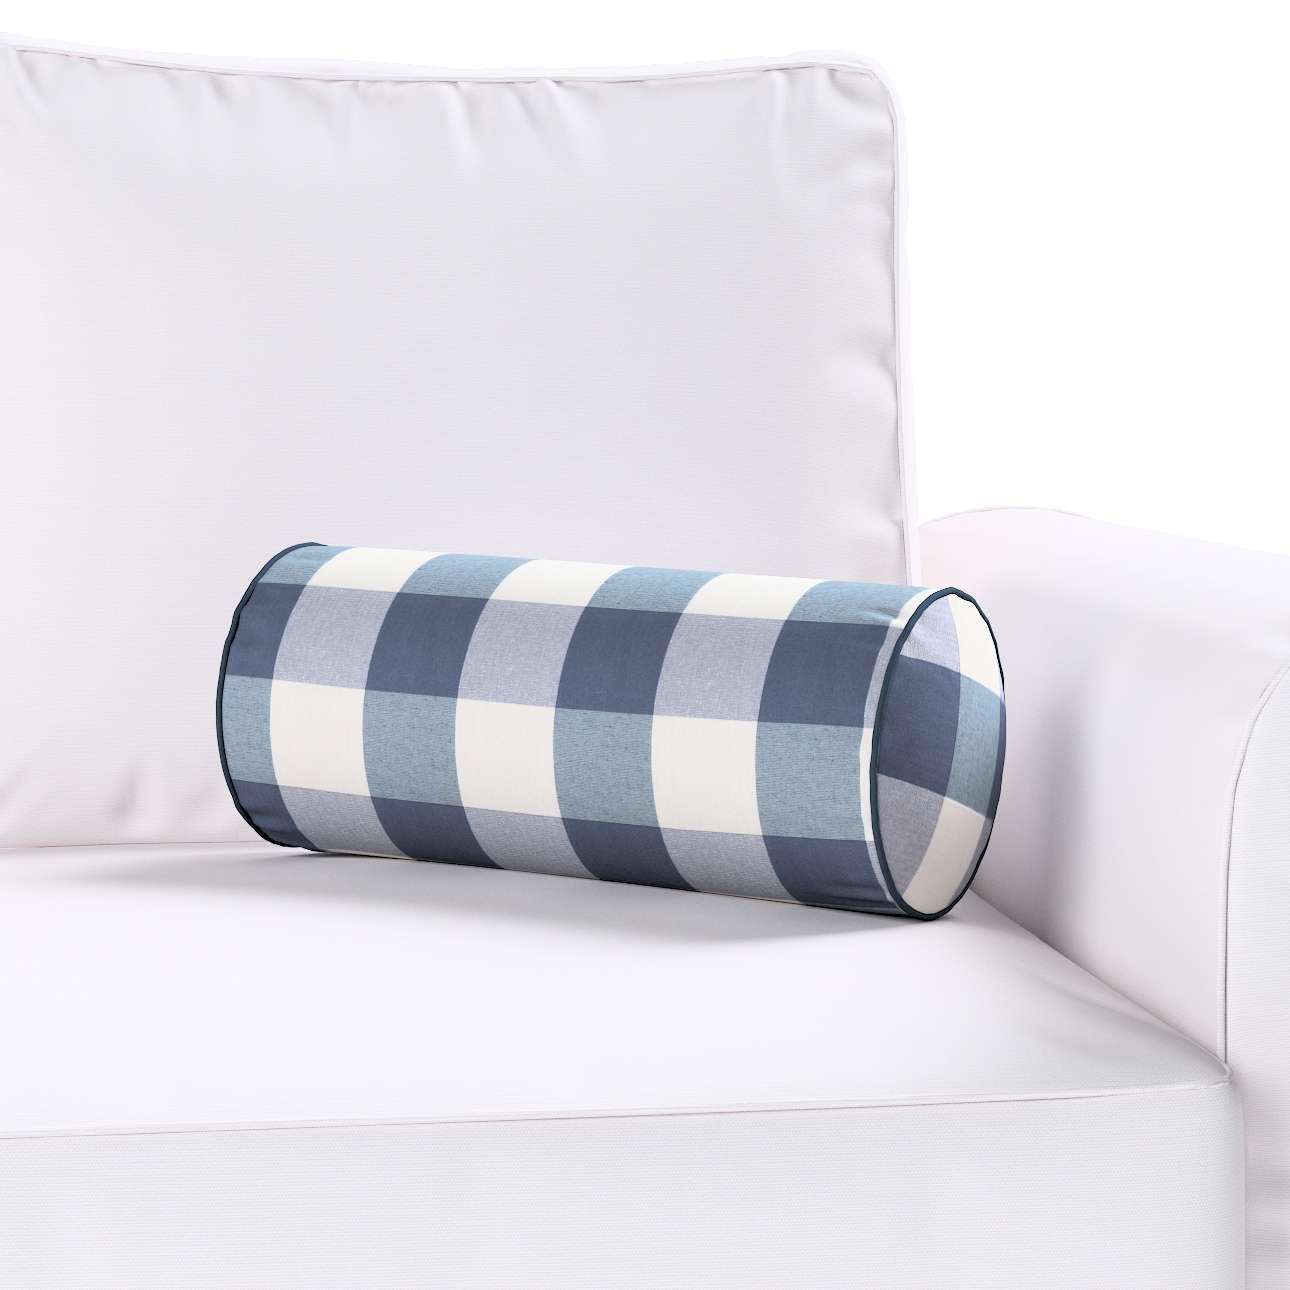 Ritinio formos  pagalvėlė Ø 16 x 40 cm (6 x 16 inch) kolekcijoje Quadro, audinys: 136-03